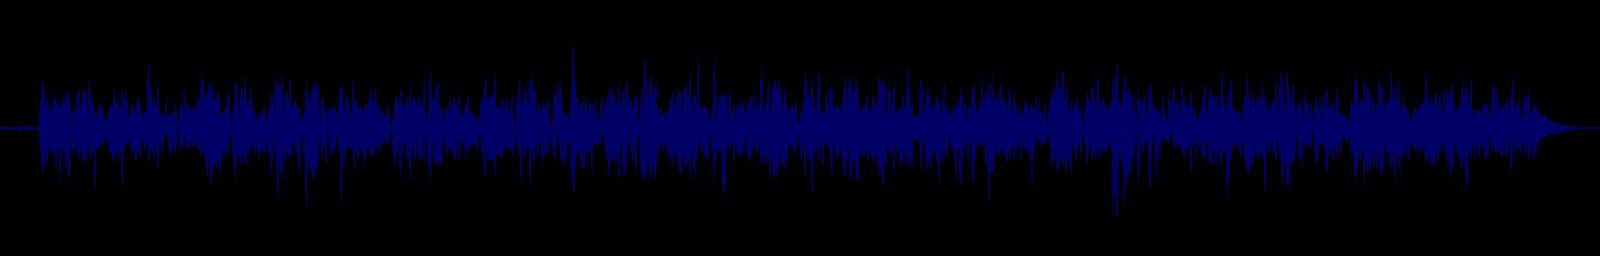 waveform of track #154525